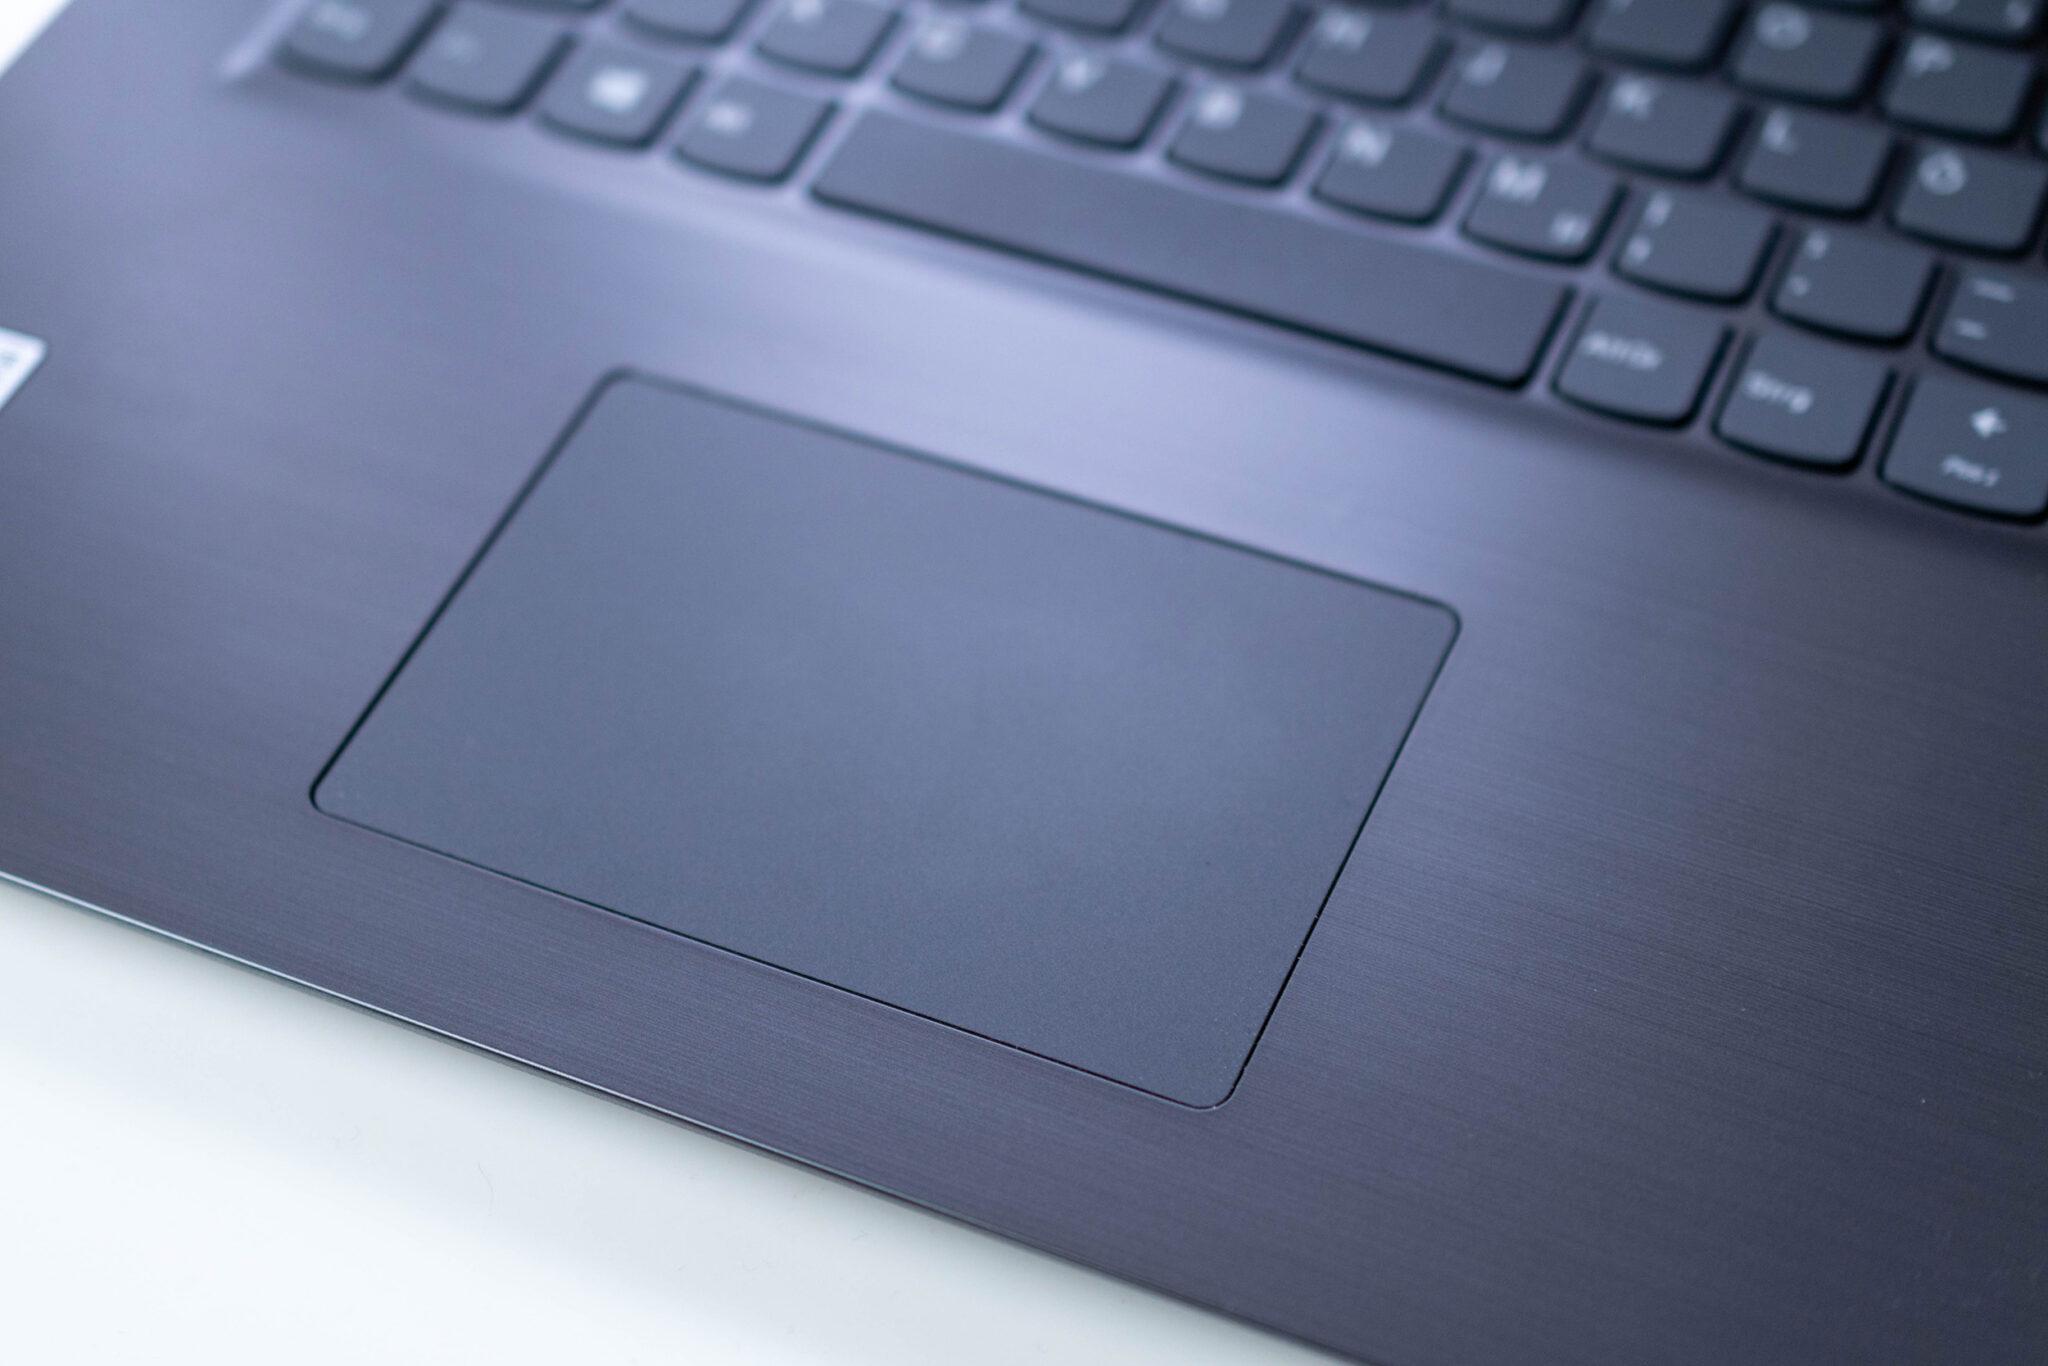 Das Touchpad des Lenovo V17 hätte etwas größer sein dürfen